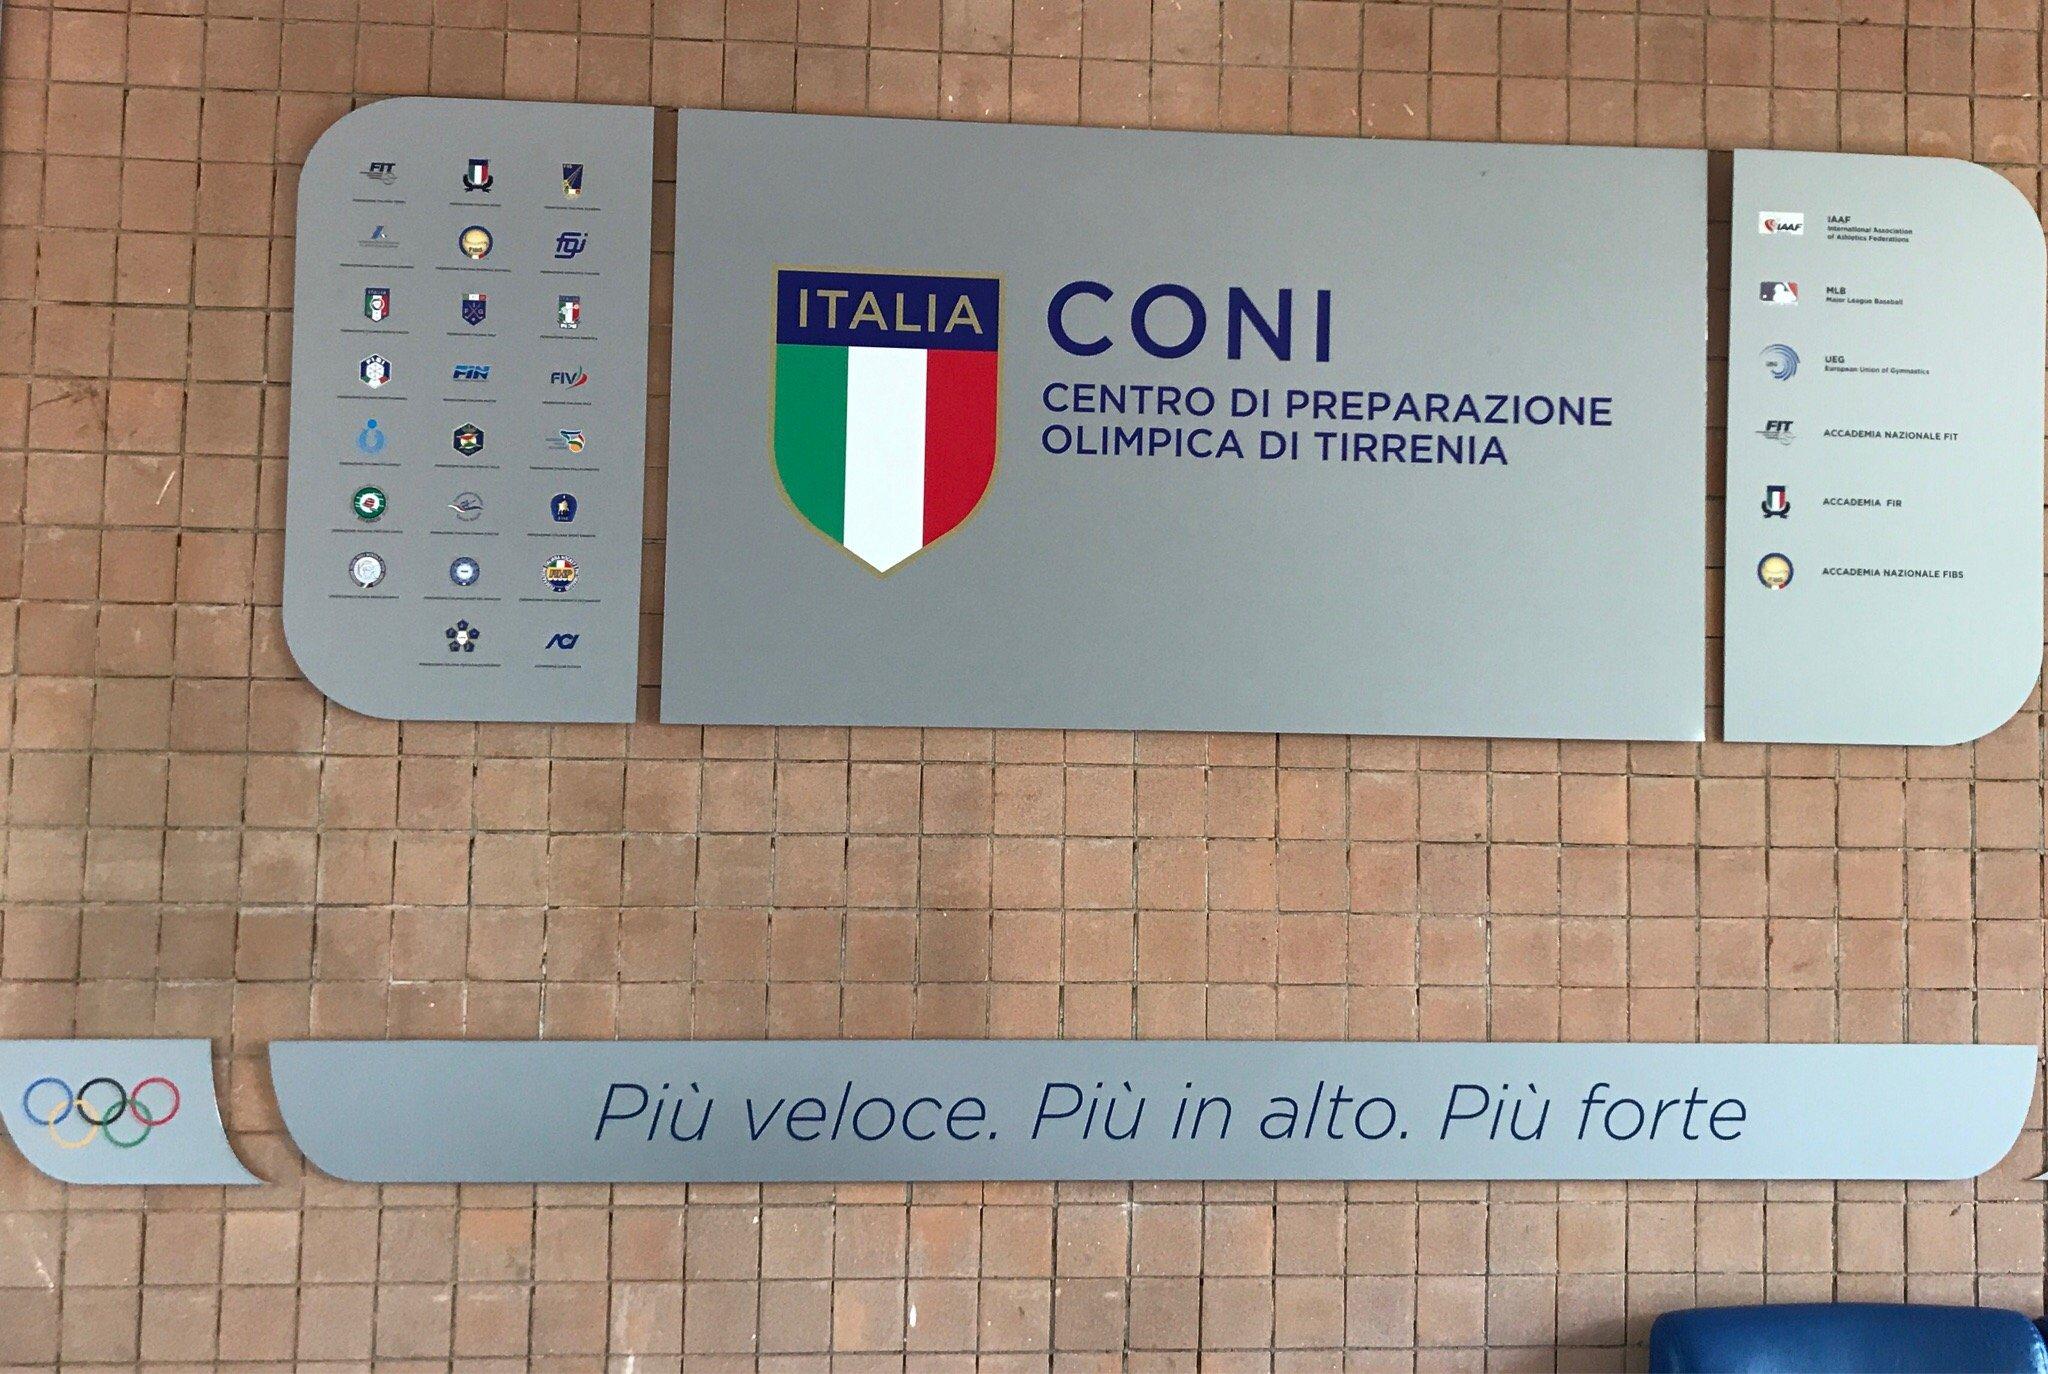 Centro Di Preparazione Olimpica Di Tirrenia (Pi)